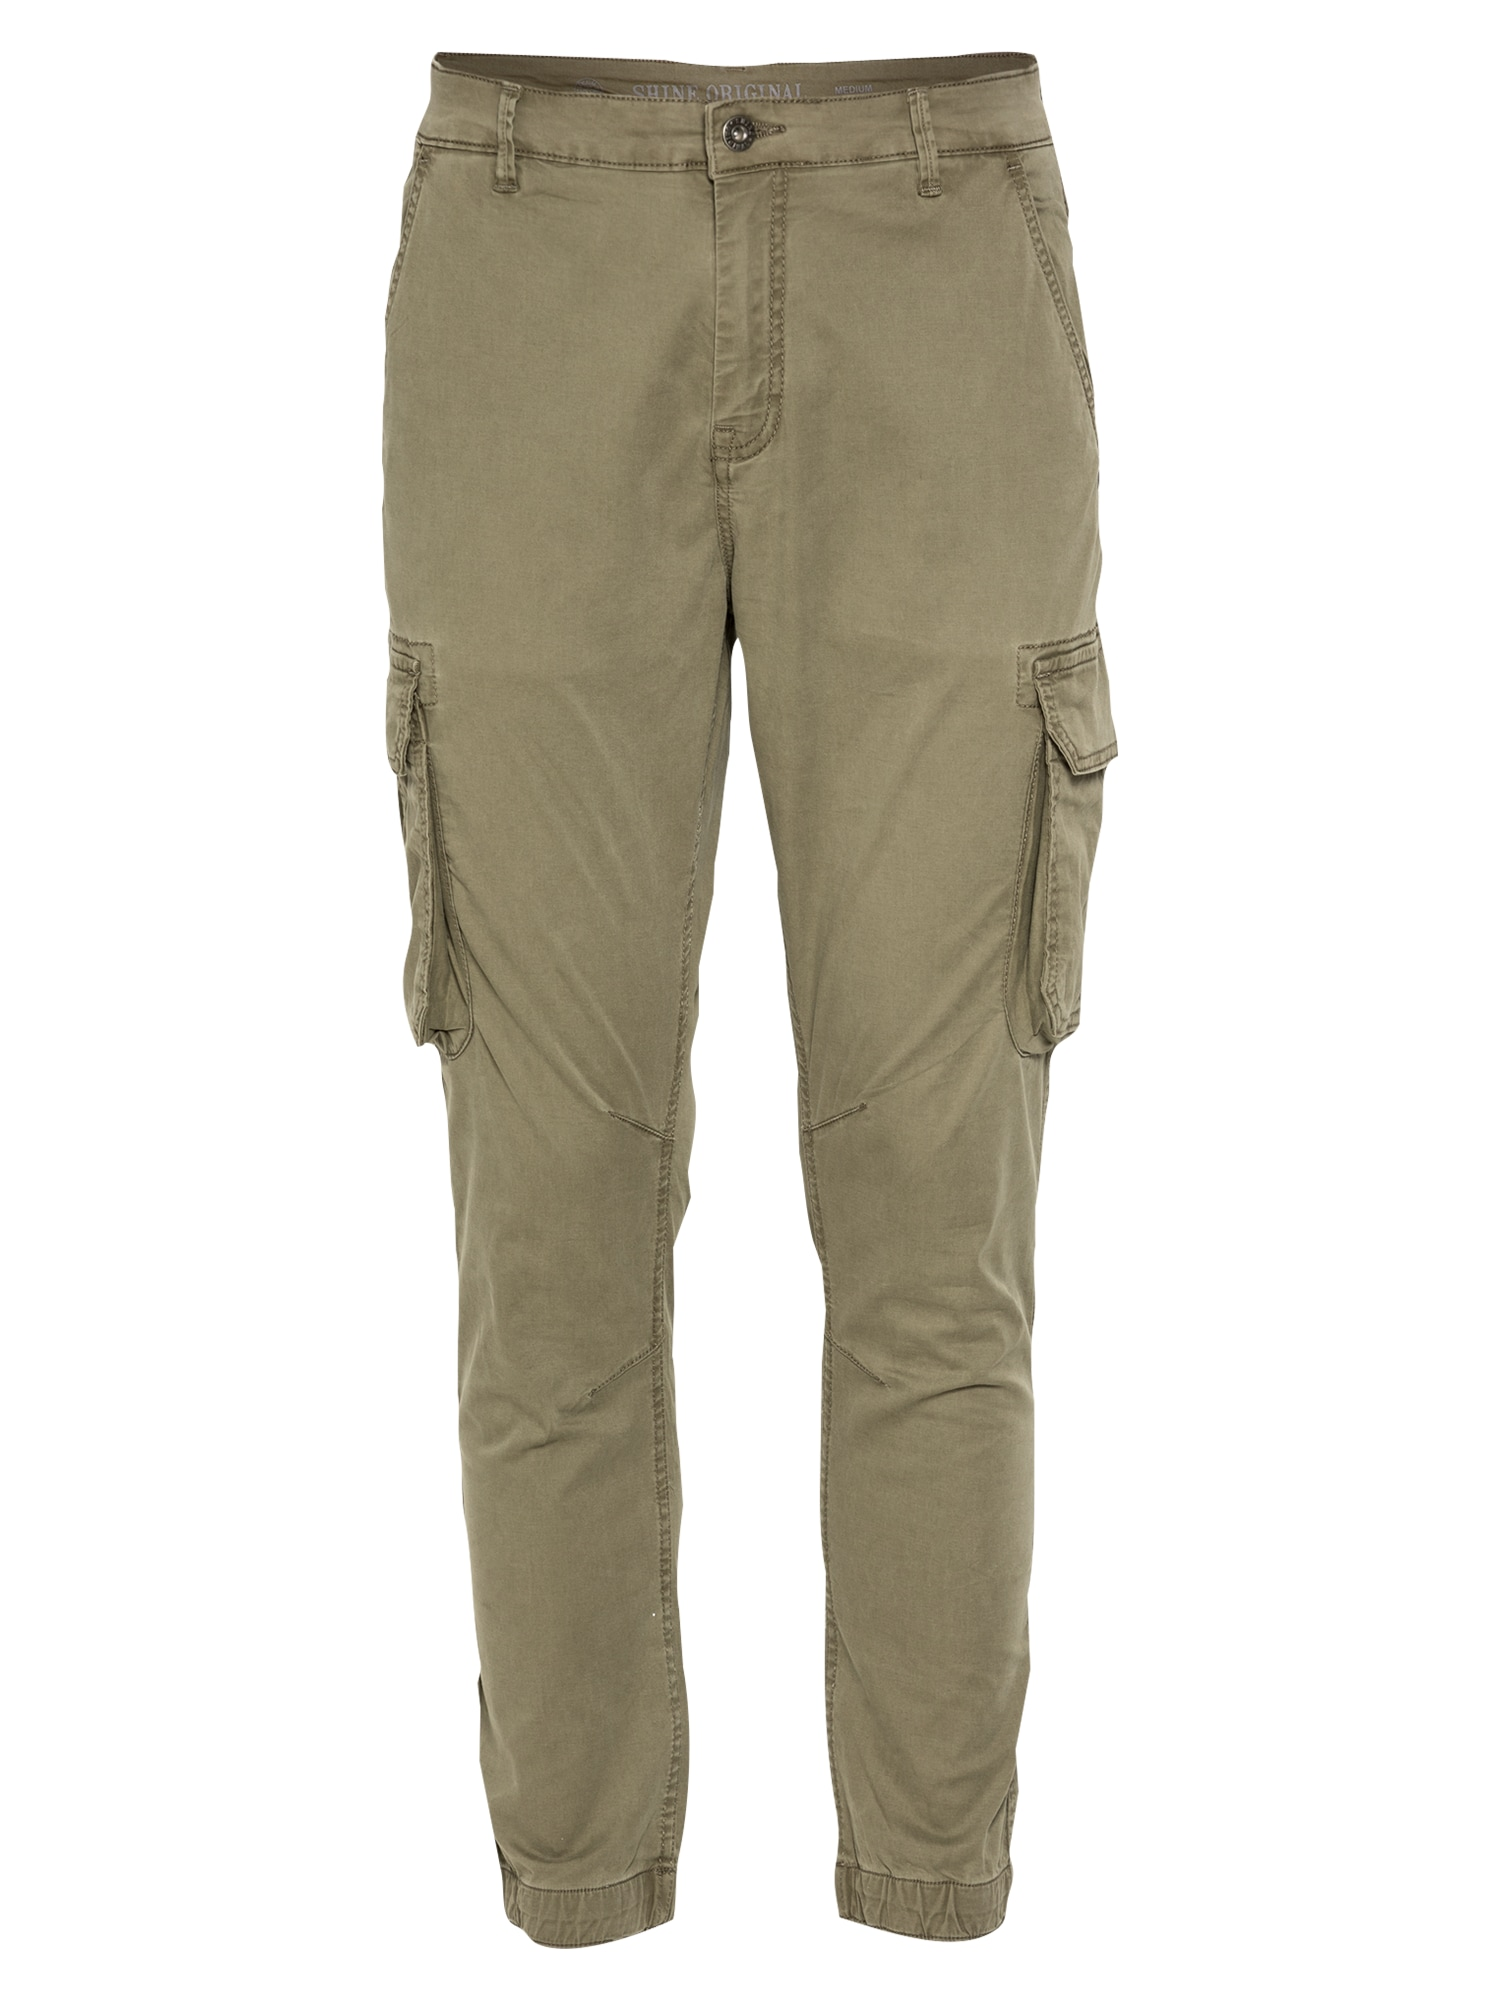 SHINE ORIGINAL Laisvo stiliaus kelnės rusvai žalia